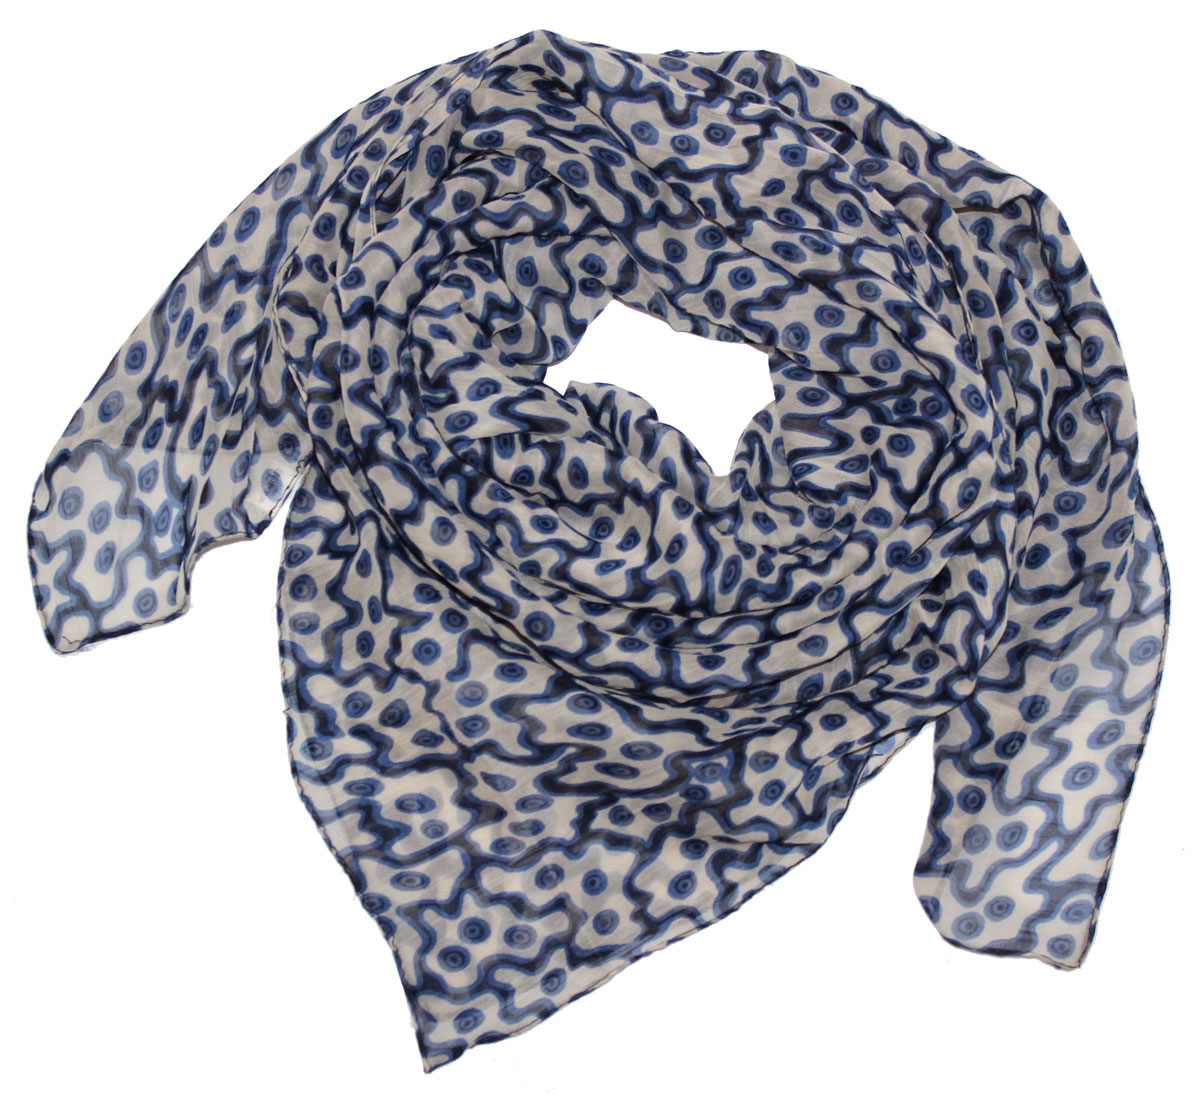 Платок женский Ethnica, цвет: синий, белый, черный. 524040н. Размер 90 см х 90 см524040нСтильный платок привлекательной расцветки изготовлен из 100% вискозы. Он удачно дополнит ваш гардероб и поможет создать новый повседневный образ, добавить в него яркие краски. Отличный вариант для тех, кто стремится к самовыражению и новизне!